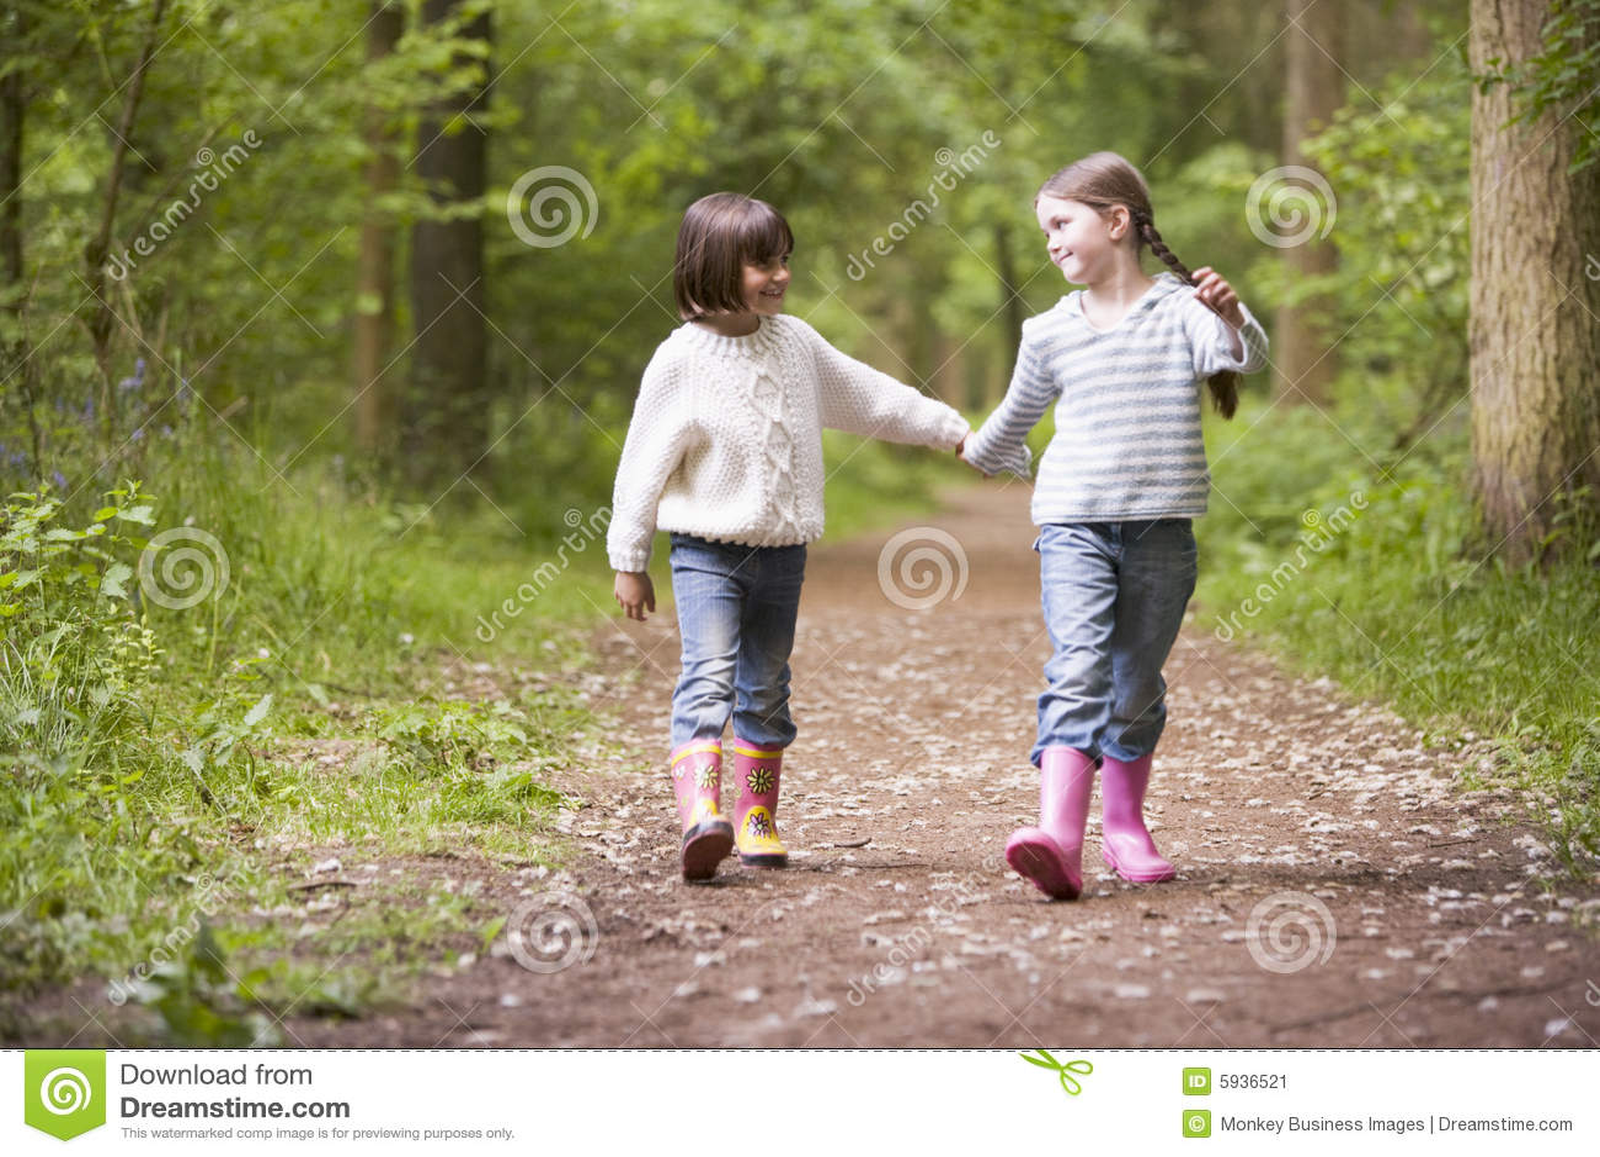 С сестрой в лесу 1 фотография